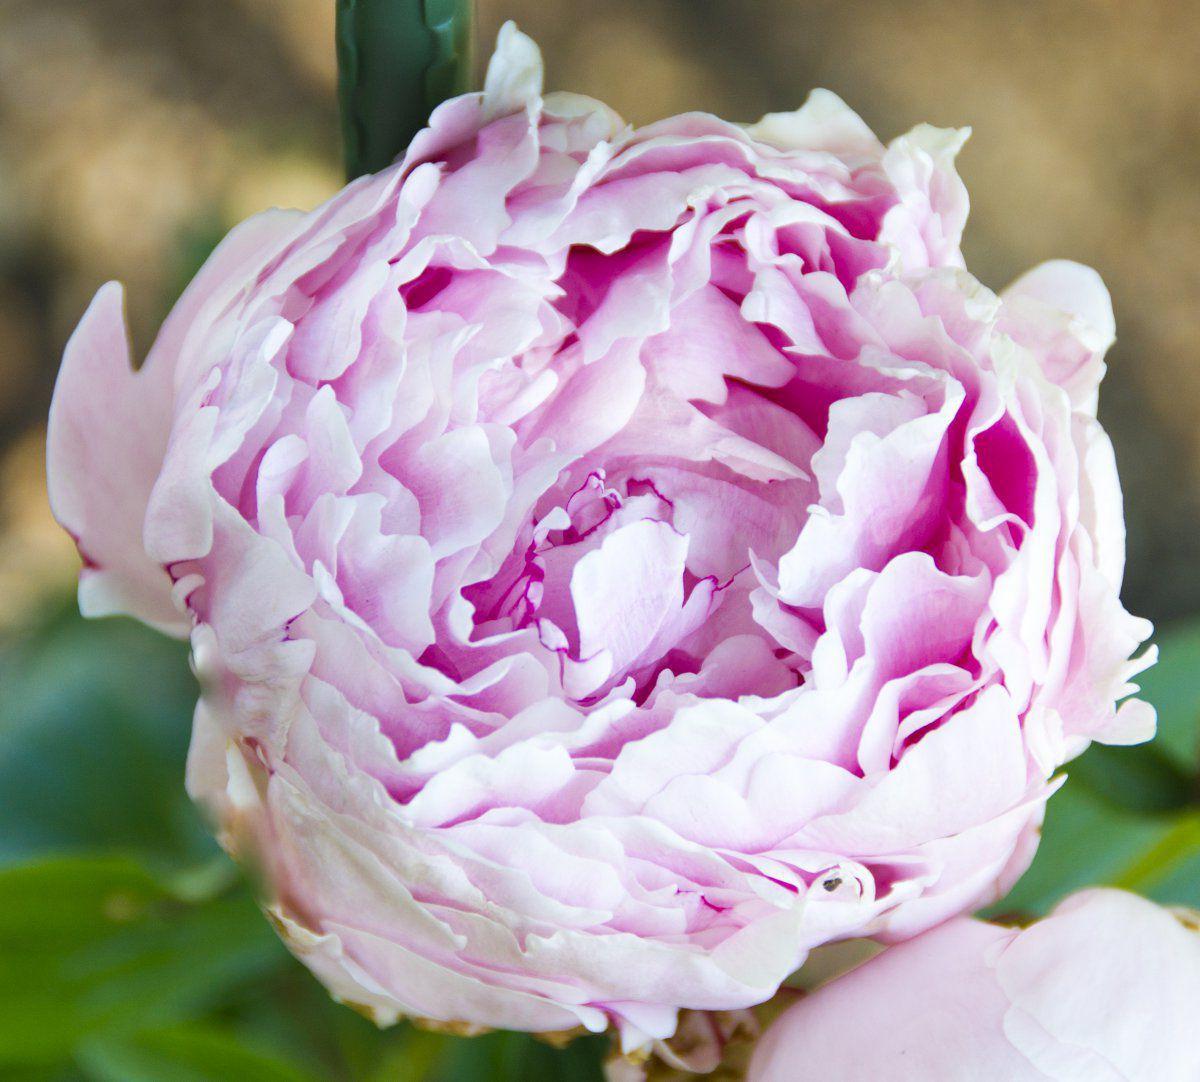 2016-06-09 Peony 'Sarah Bernhardt'.jpg